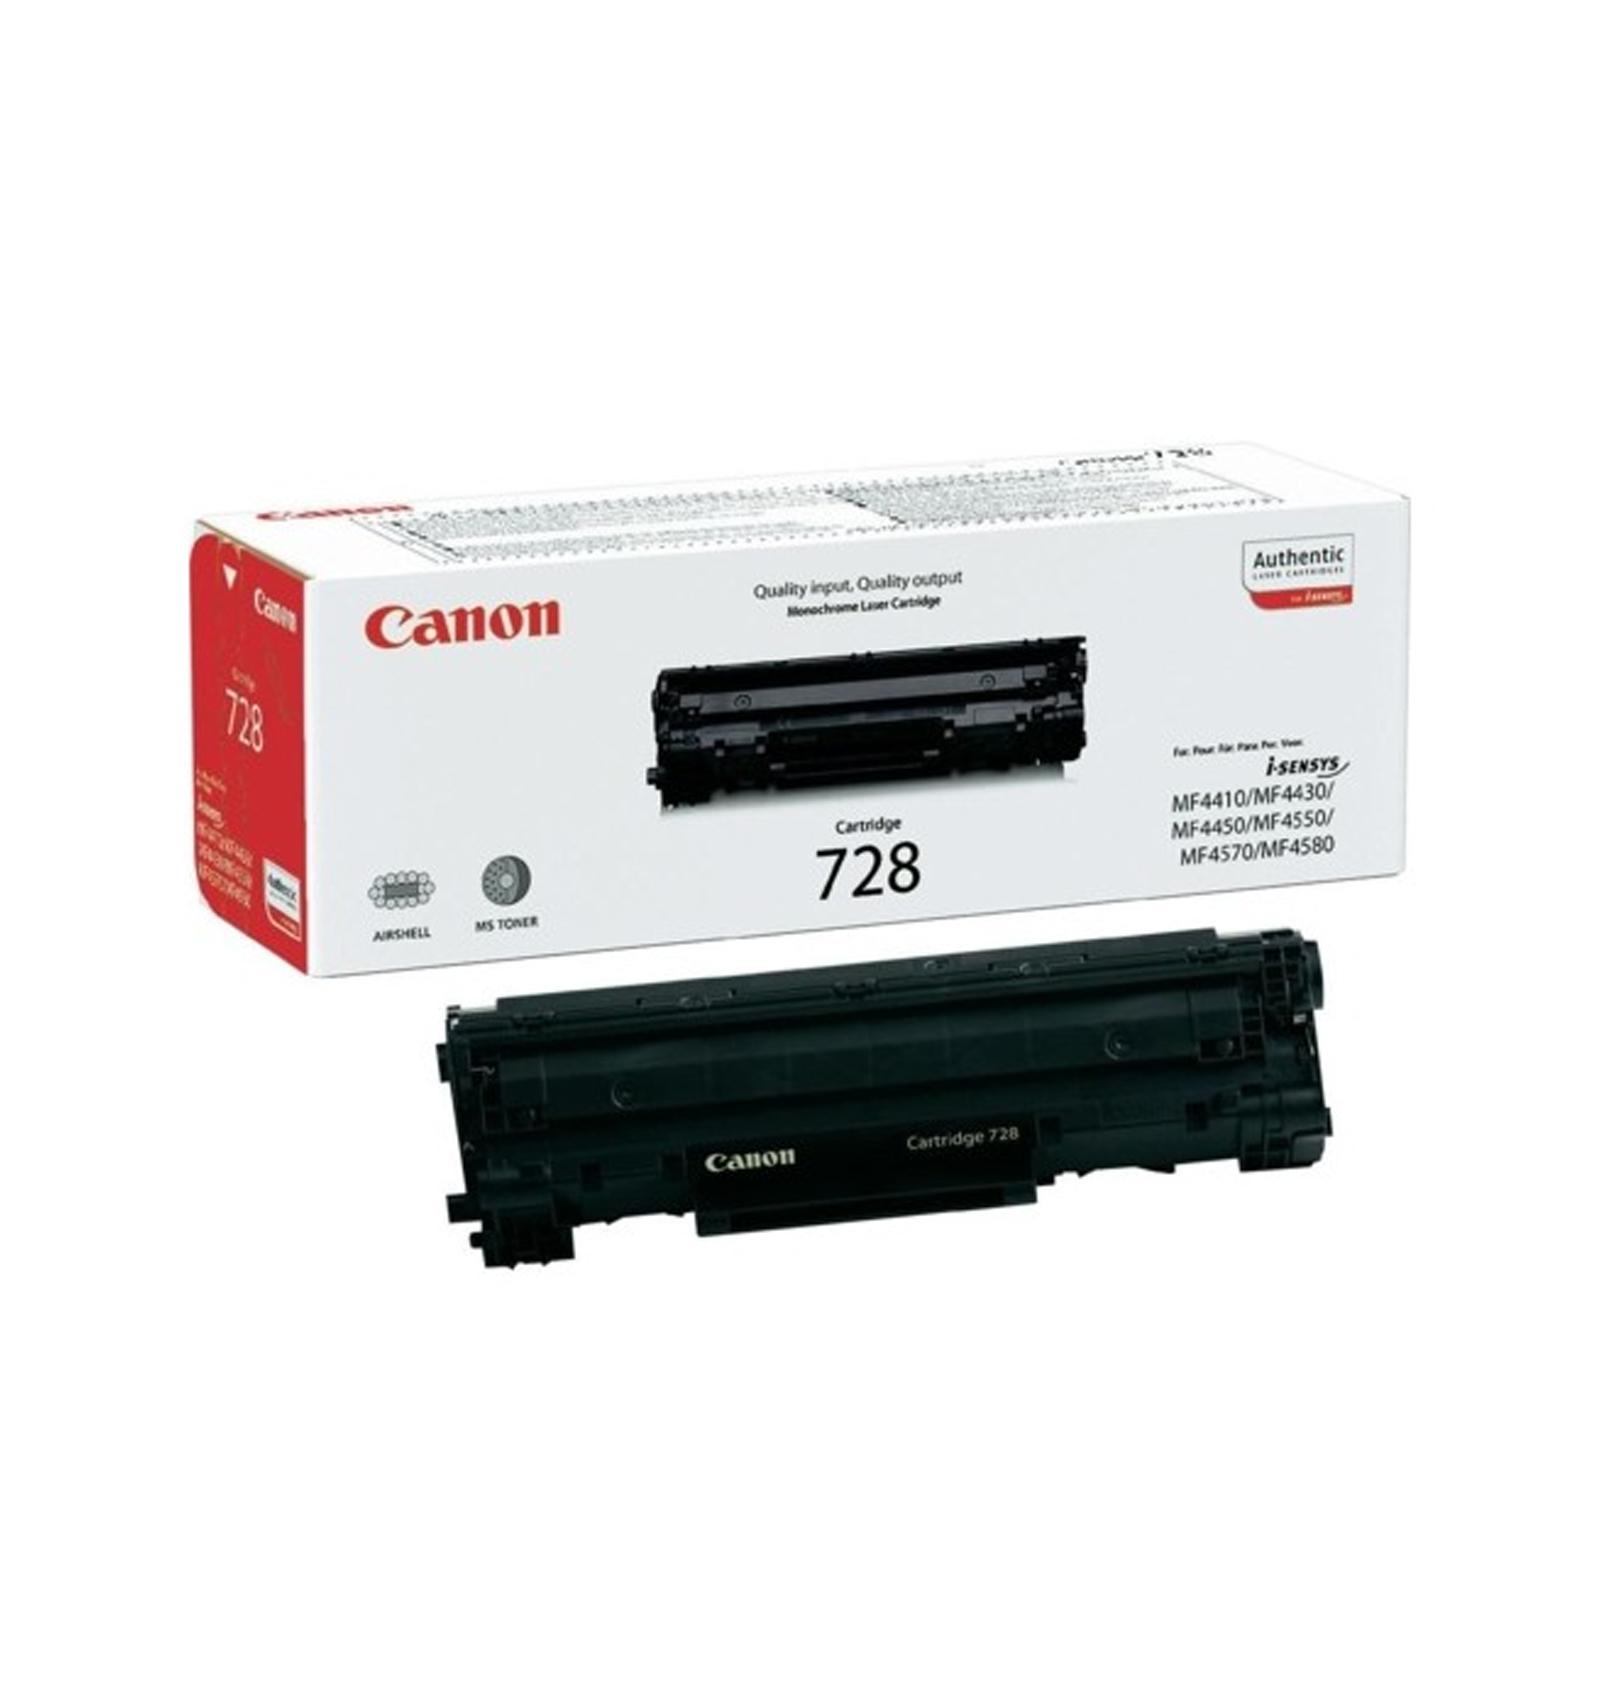 Заправка тонером картриджа Canon 728 для MF4410/MF4430/MF4450/MF4550/MF4570/MF4580